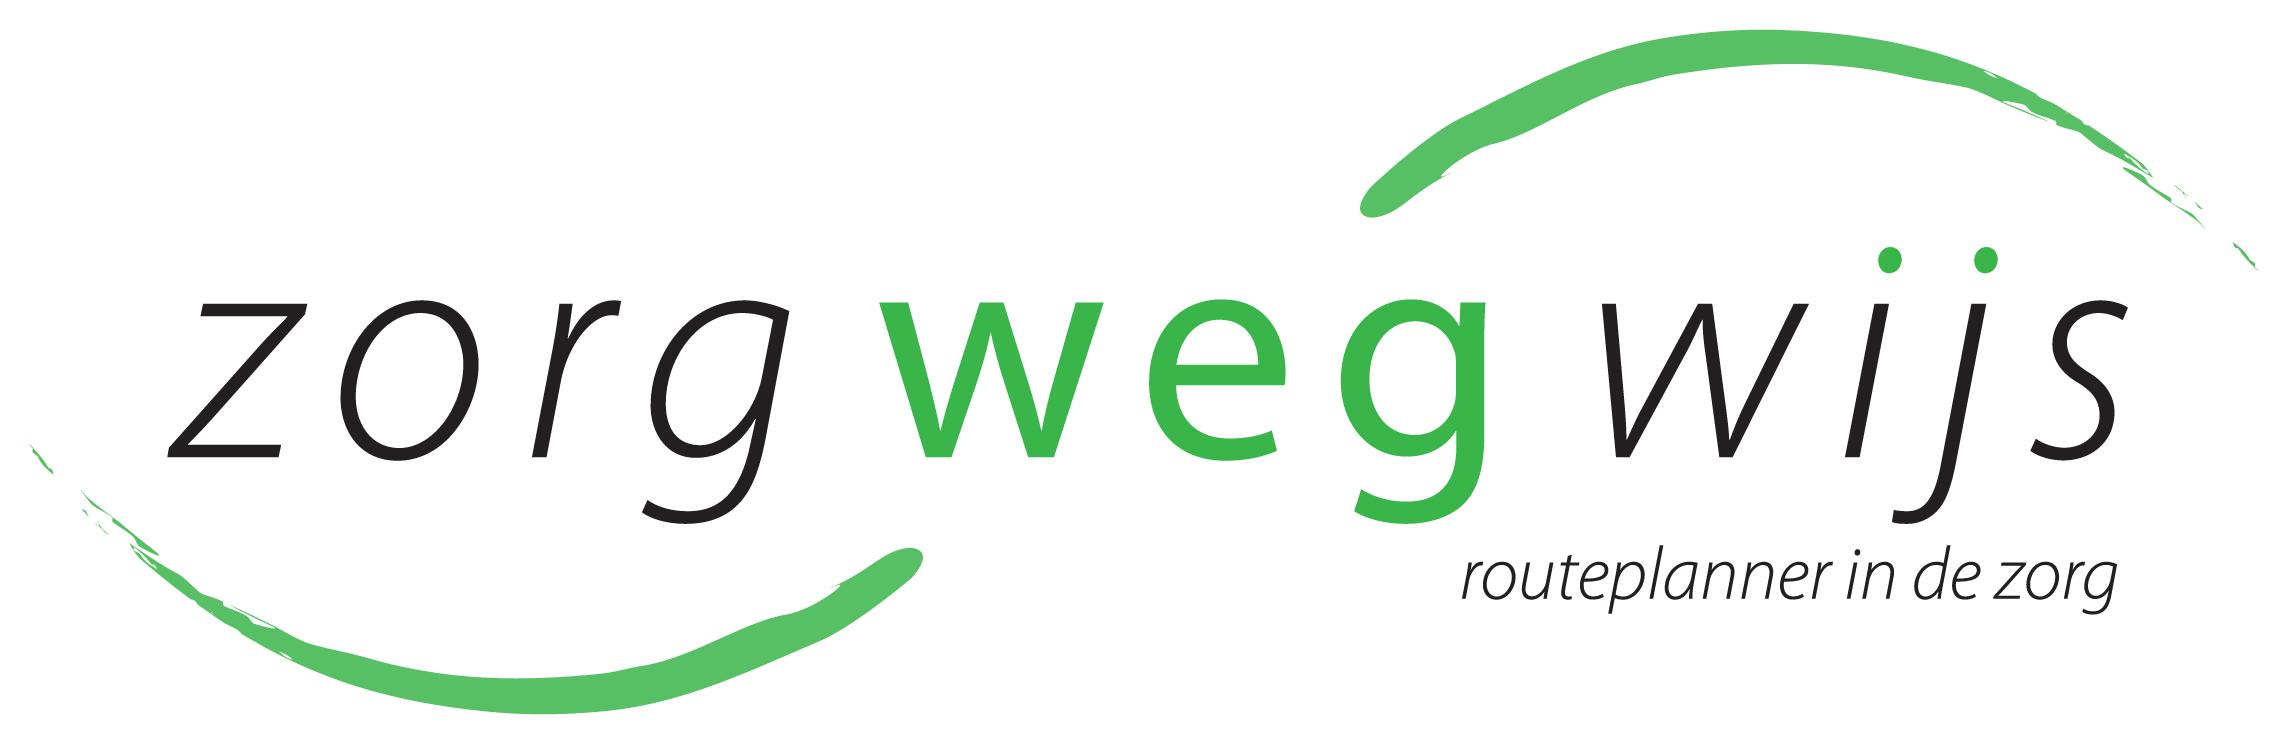 Zorgwegwijs Logo